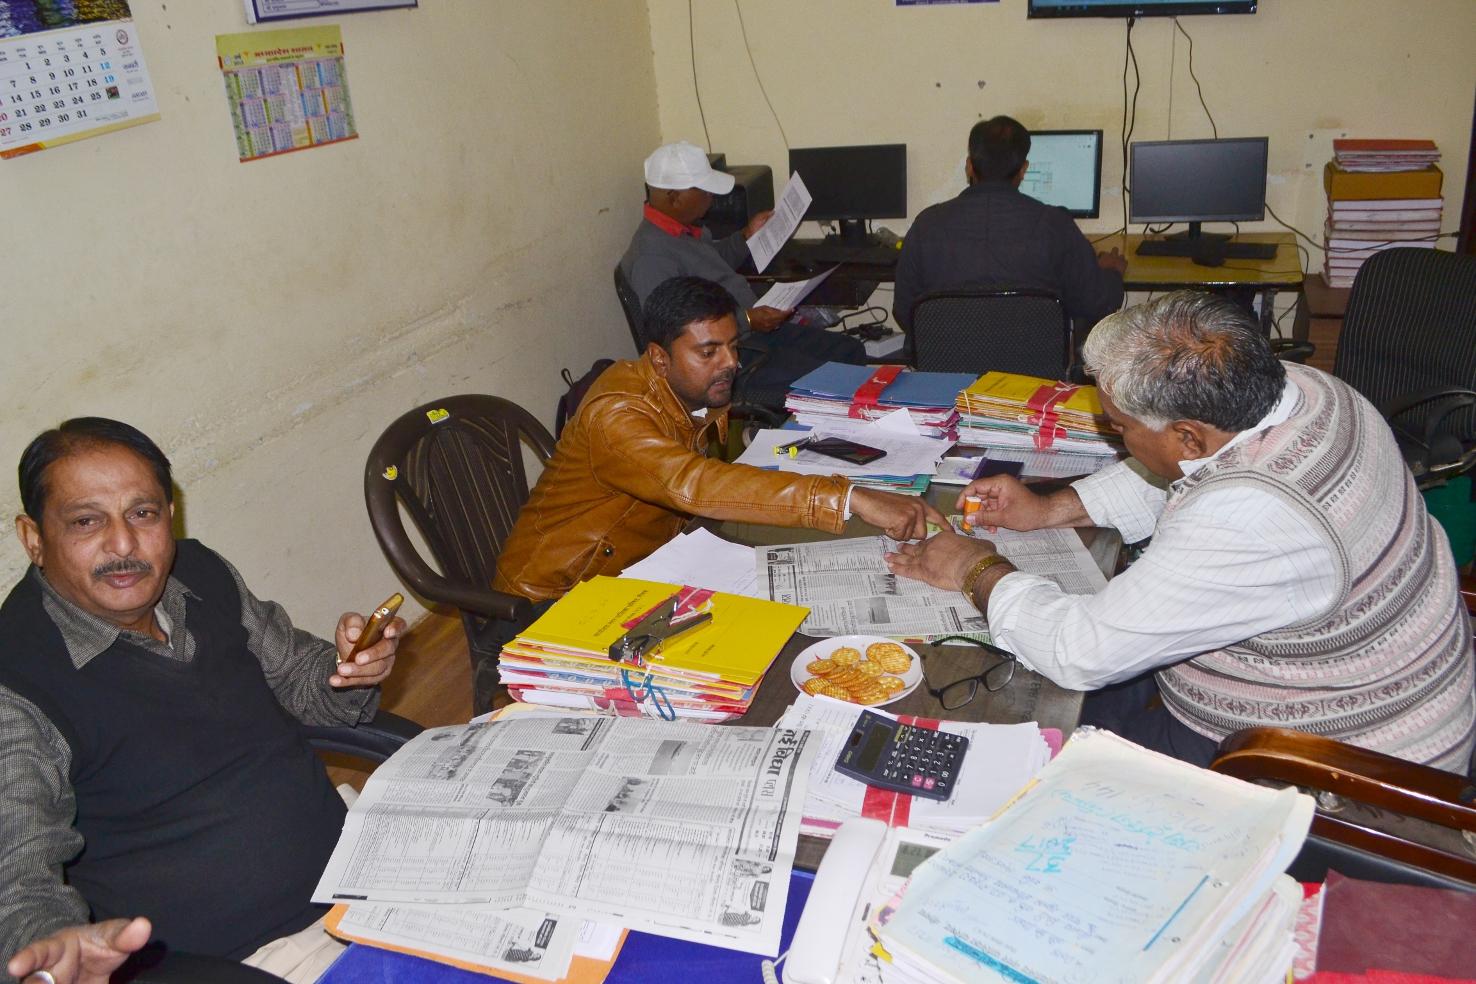 -   video दिल्ली से आई छह सदस्यीय टीम, नपा में दस्तावेज चैक कर अलग-अलग स्थानों पर लिया फीडबैक